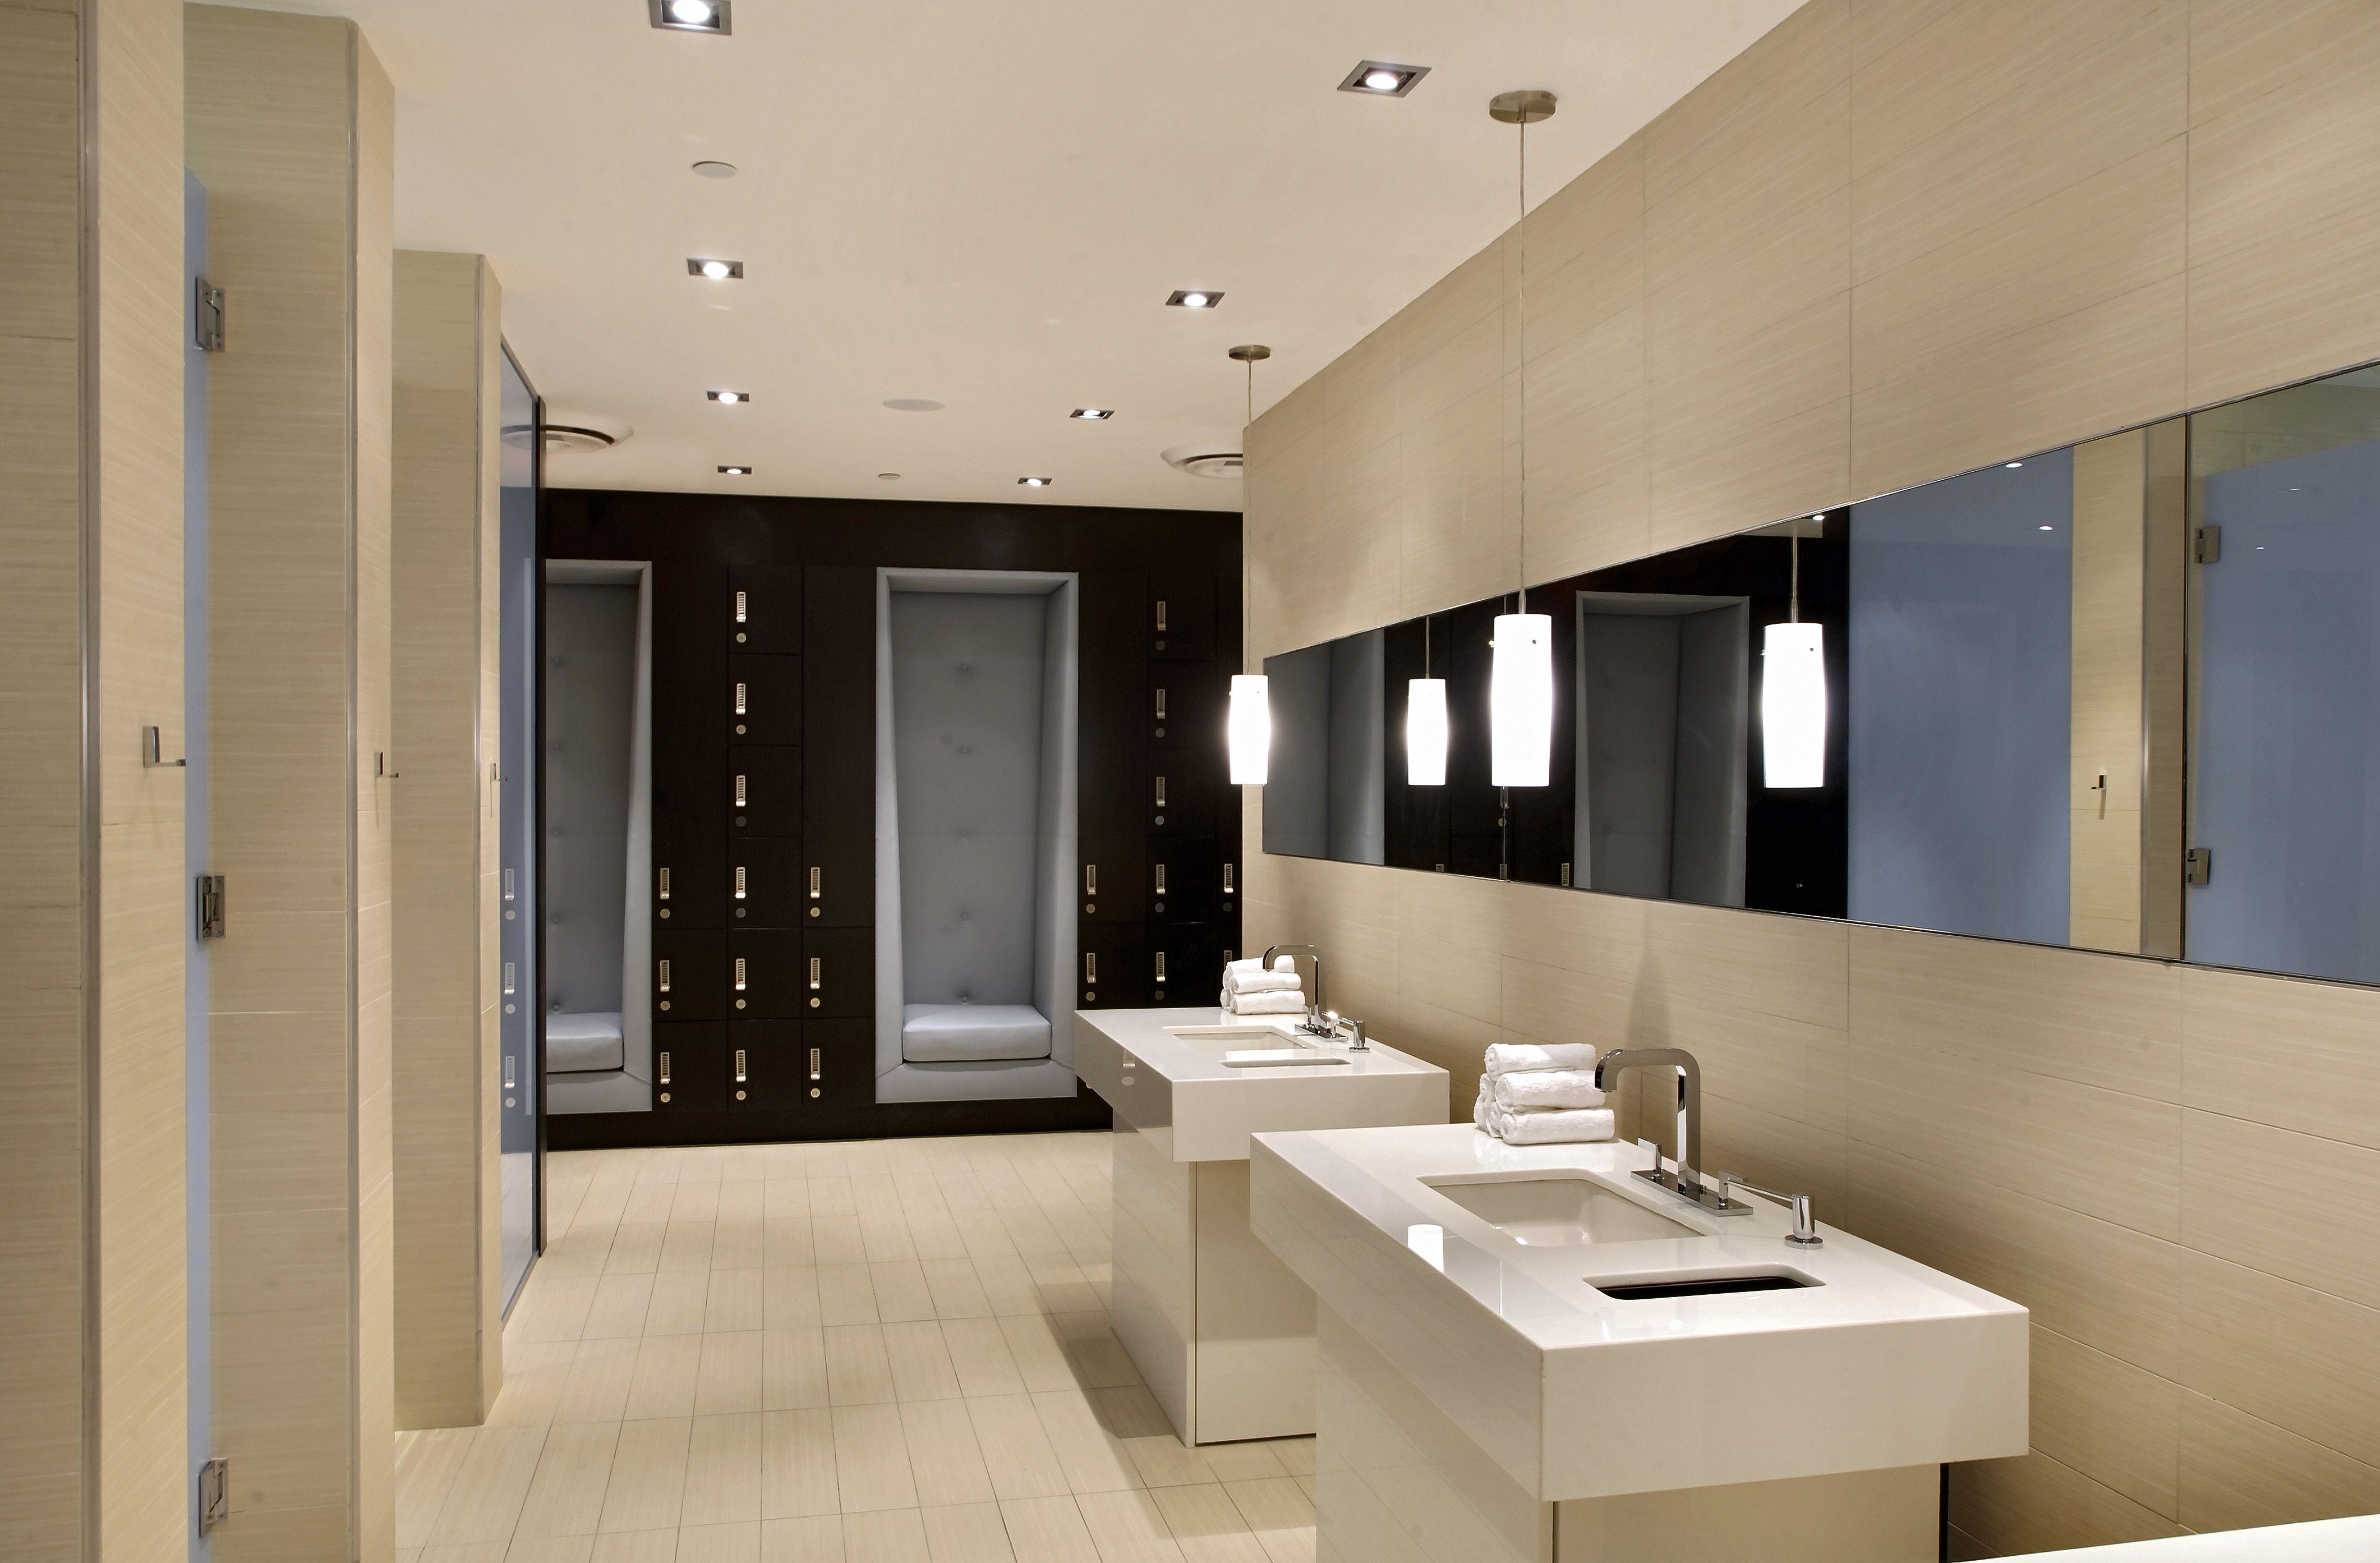 Sophisticated locker room interior designs picture